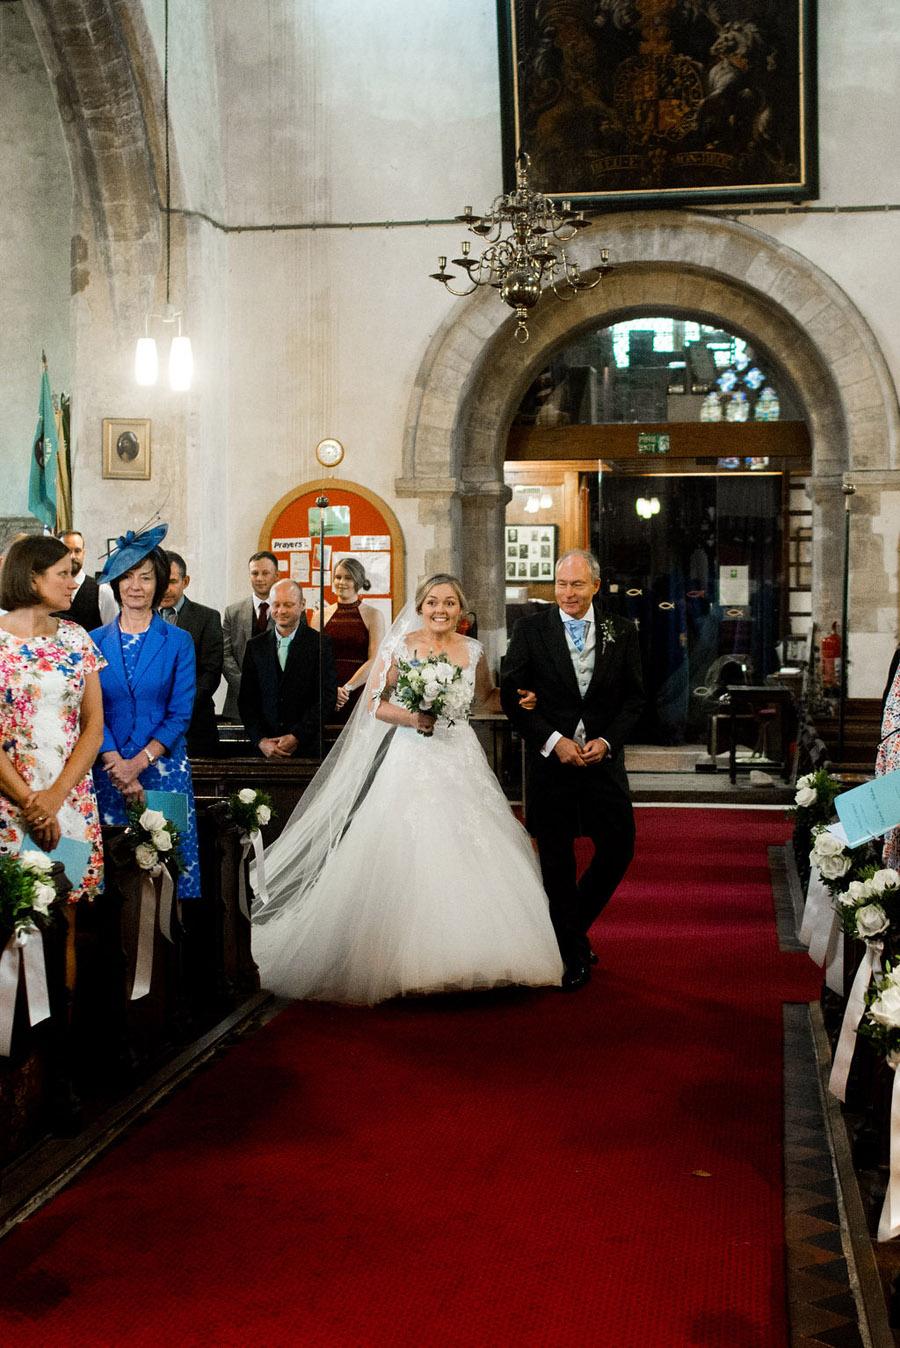 Chicheley Hall wedding by Nicola Norton Photography (14)